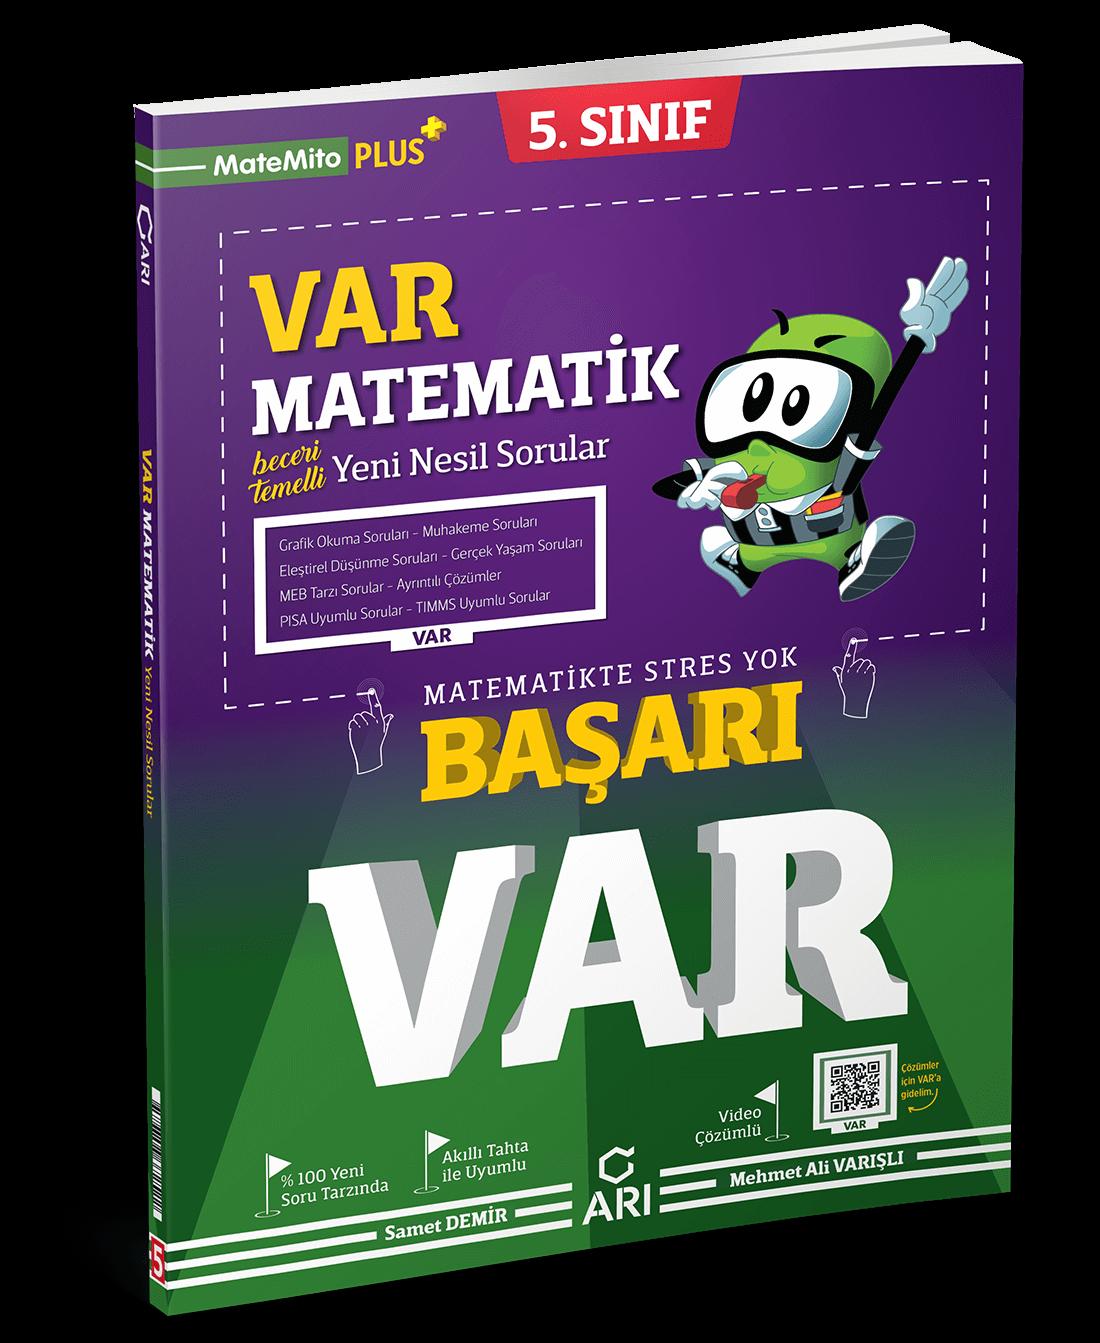 5. Sınıf VAR Matematik Yeni Nesil Soru Bankası